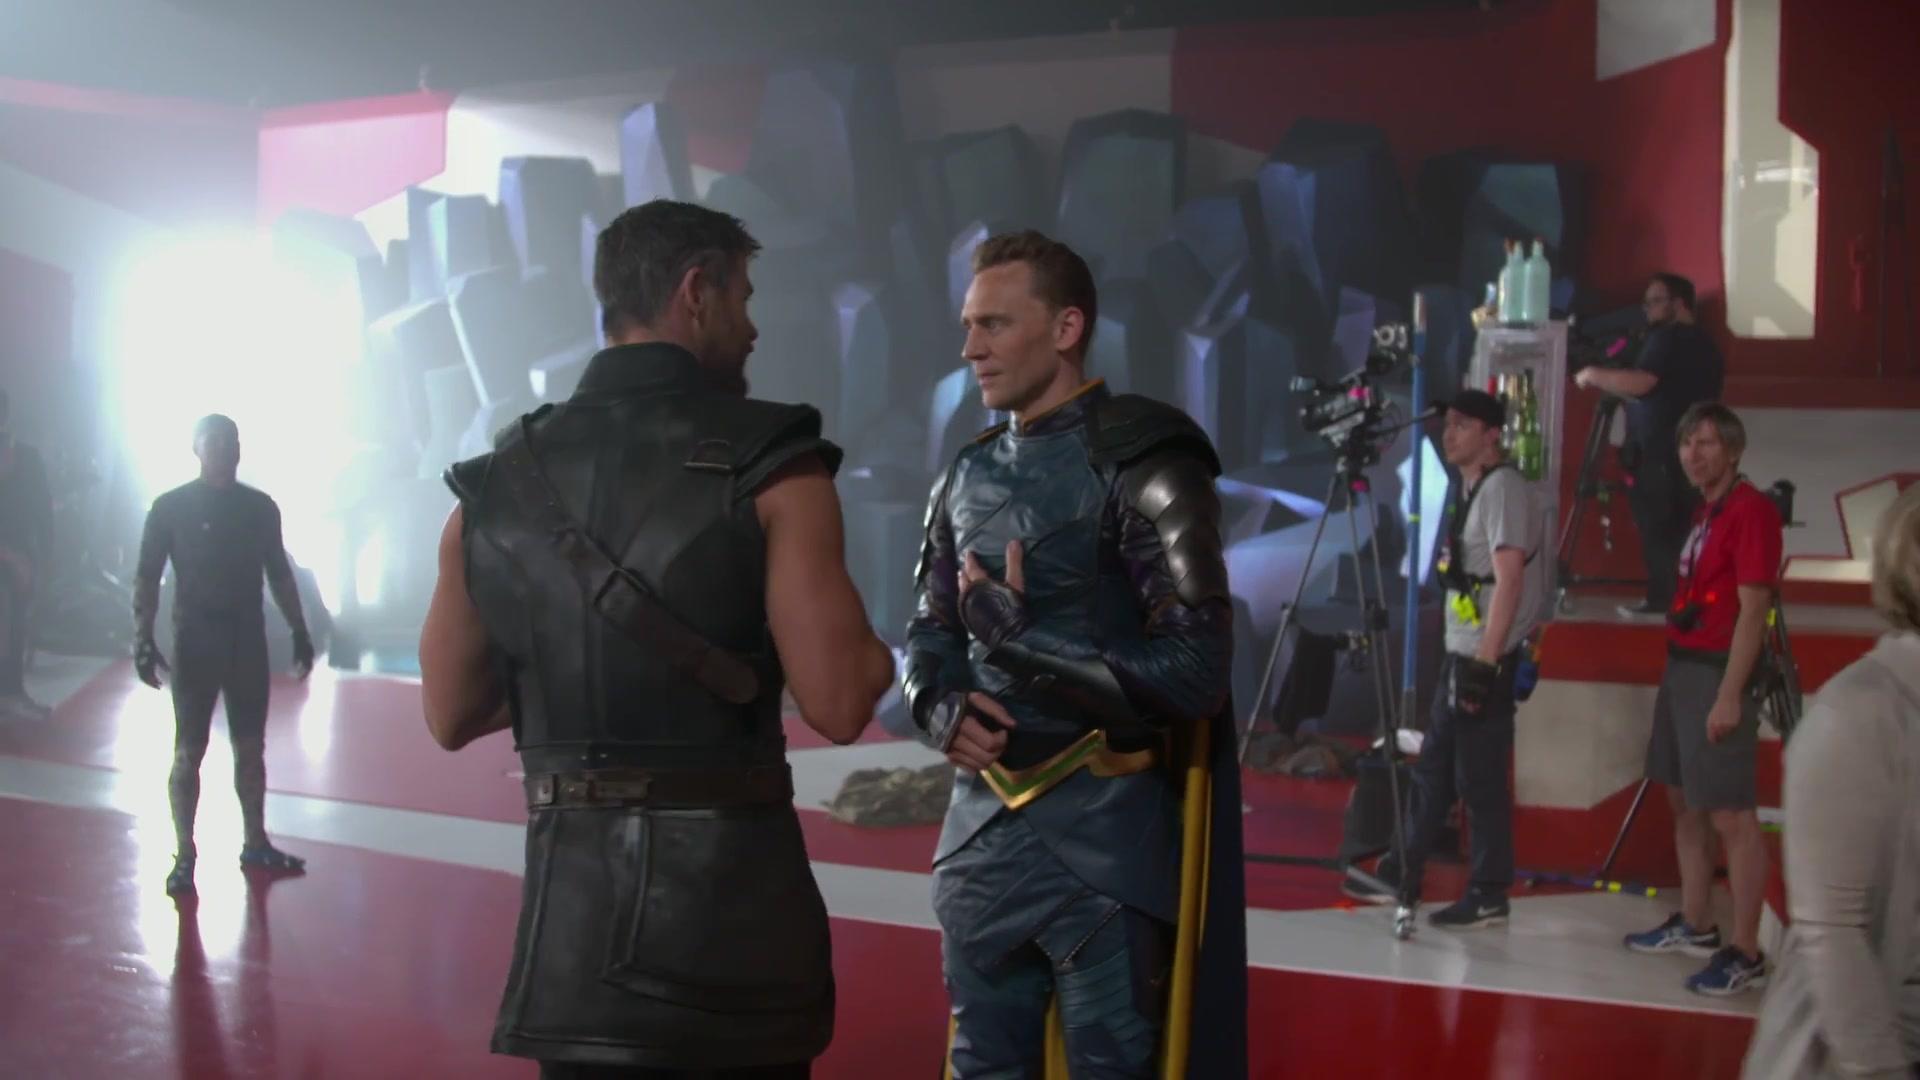 (Thor: Ragnarok) Behind The Scenes Look Video